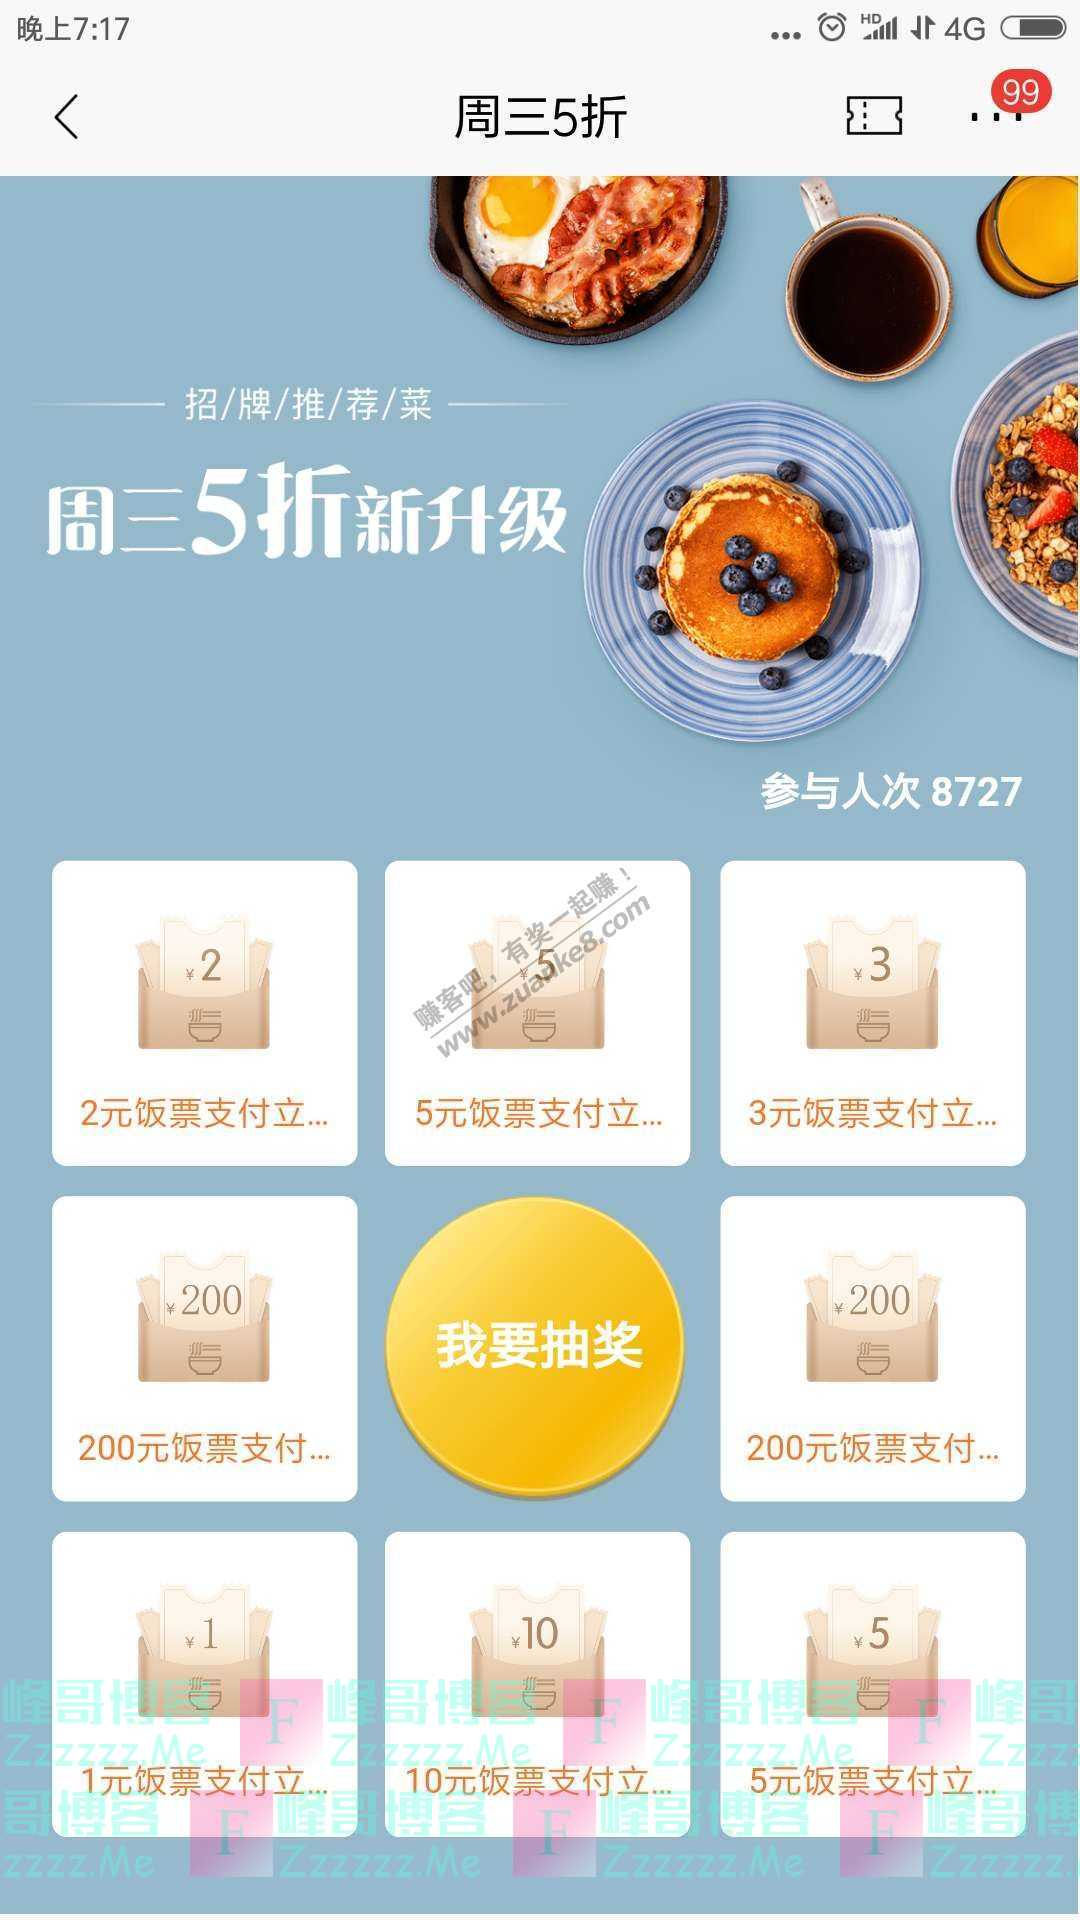 招商银行app周三5折新升级(截止12月9日)